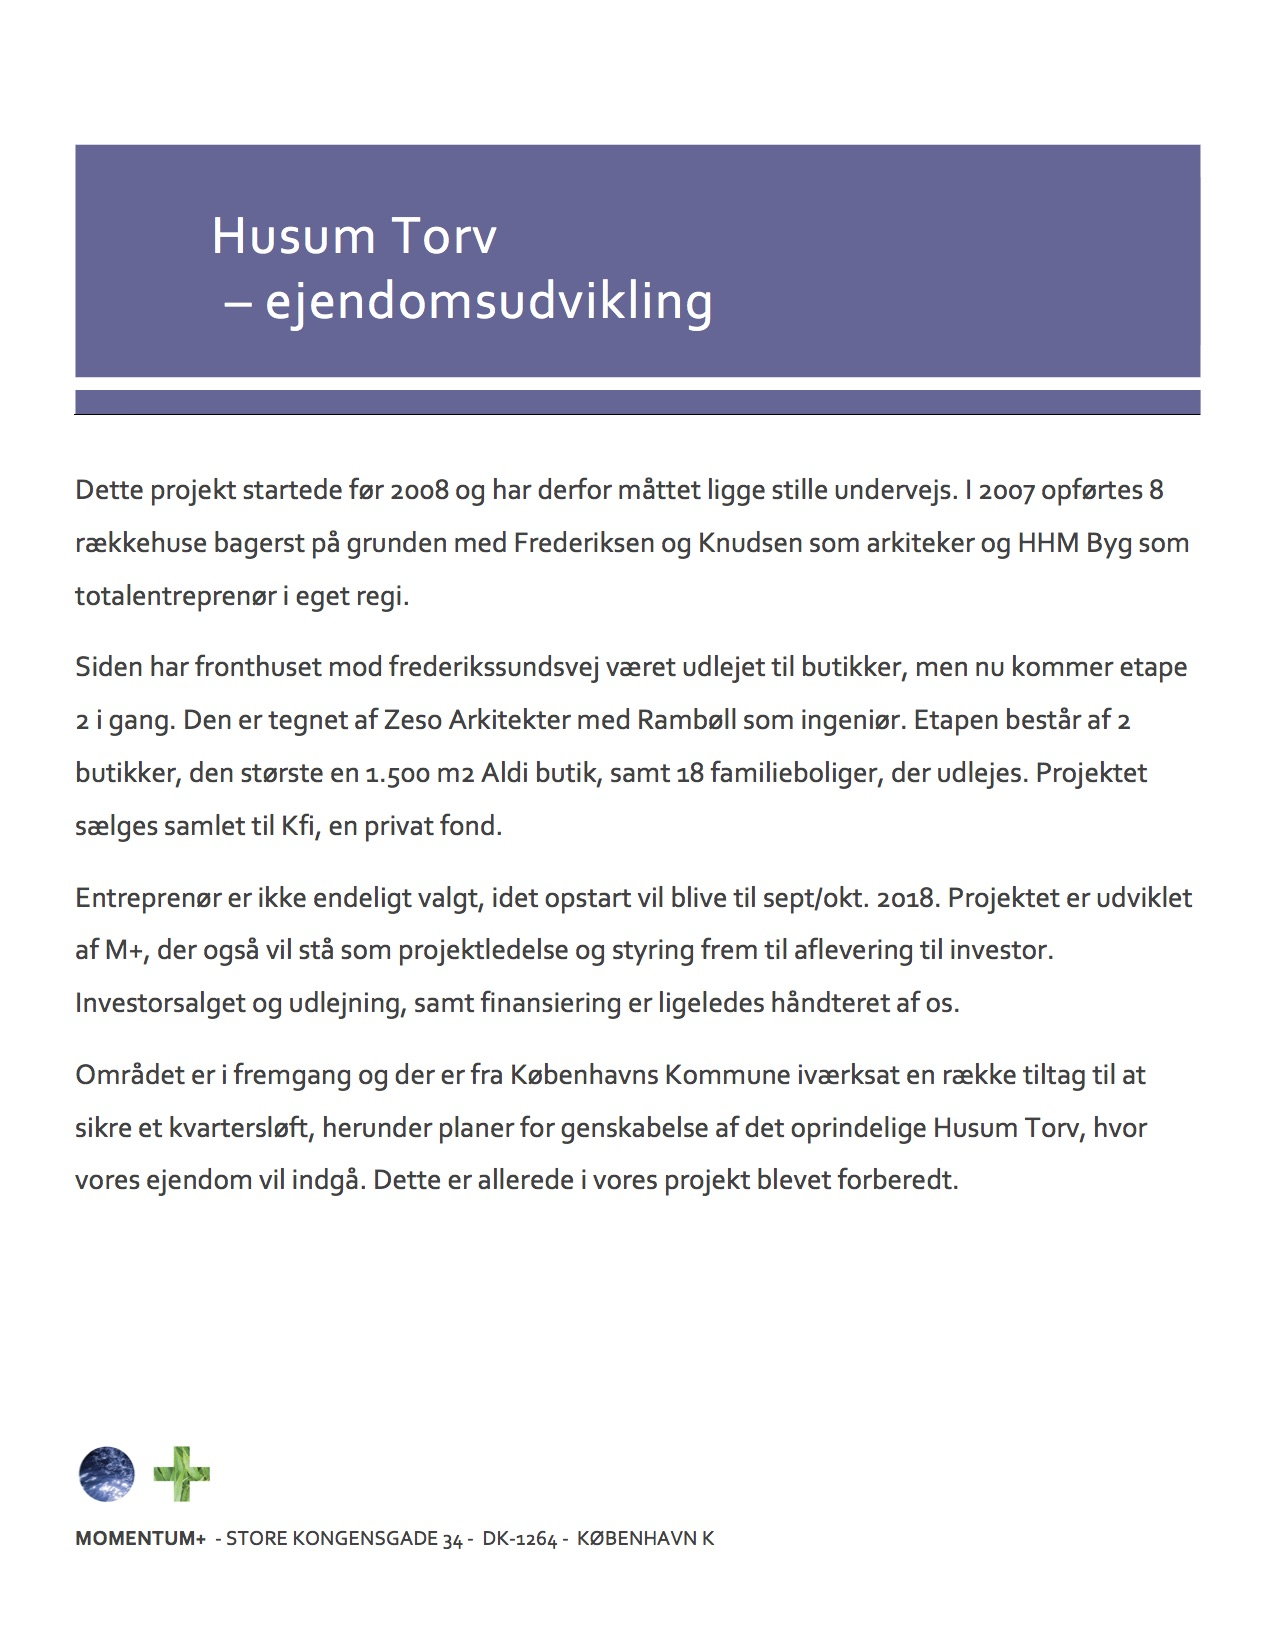 Husum Torv København - 5 ref. -2.jpg